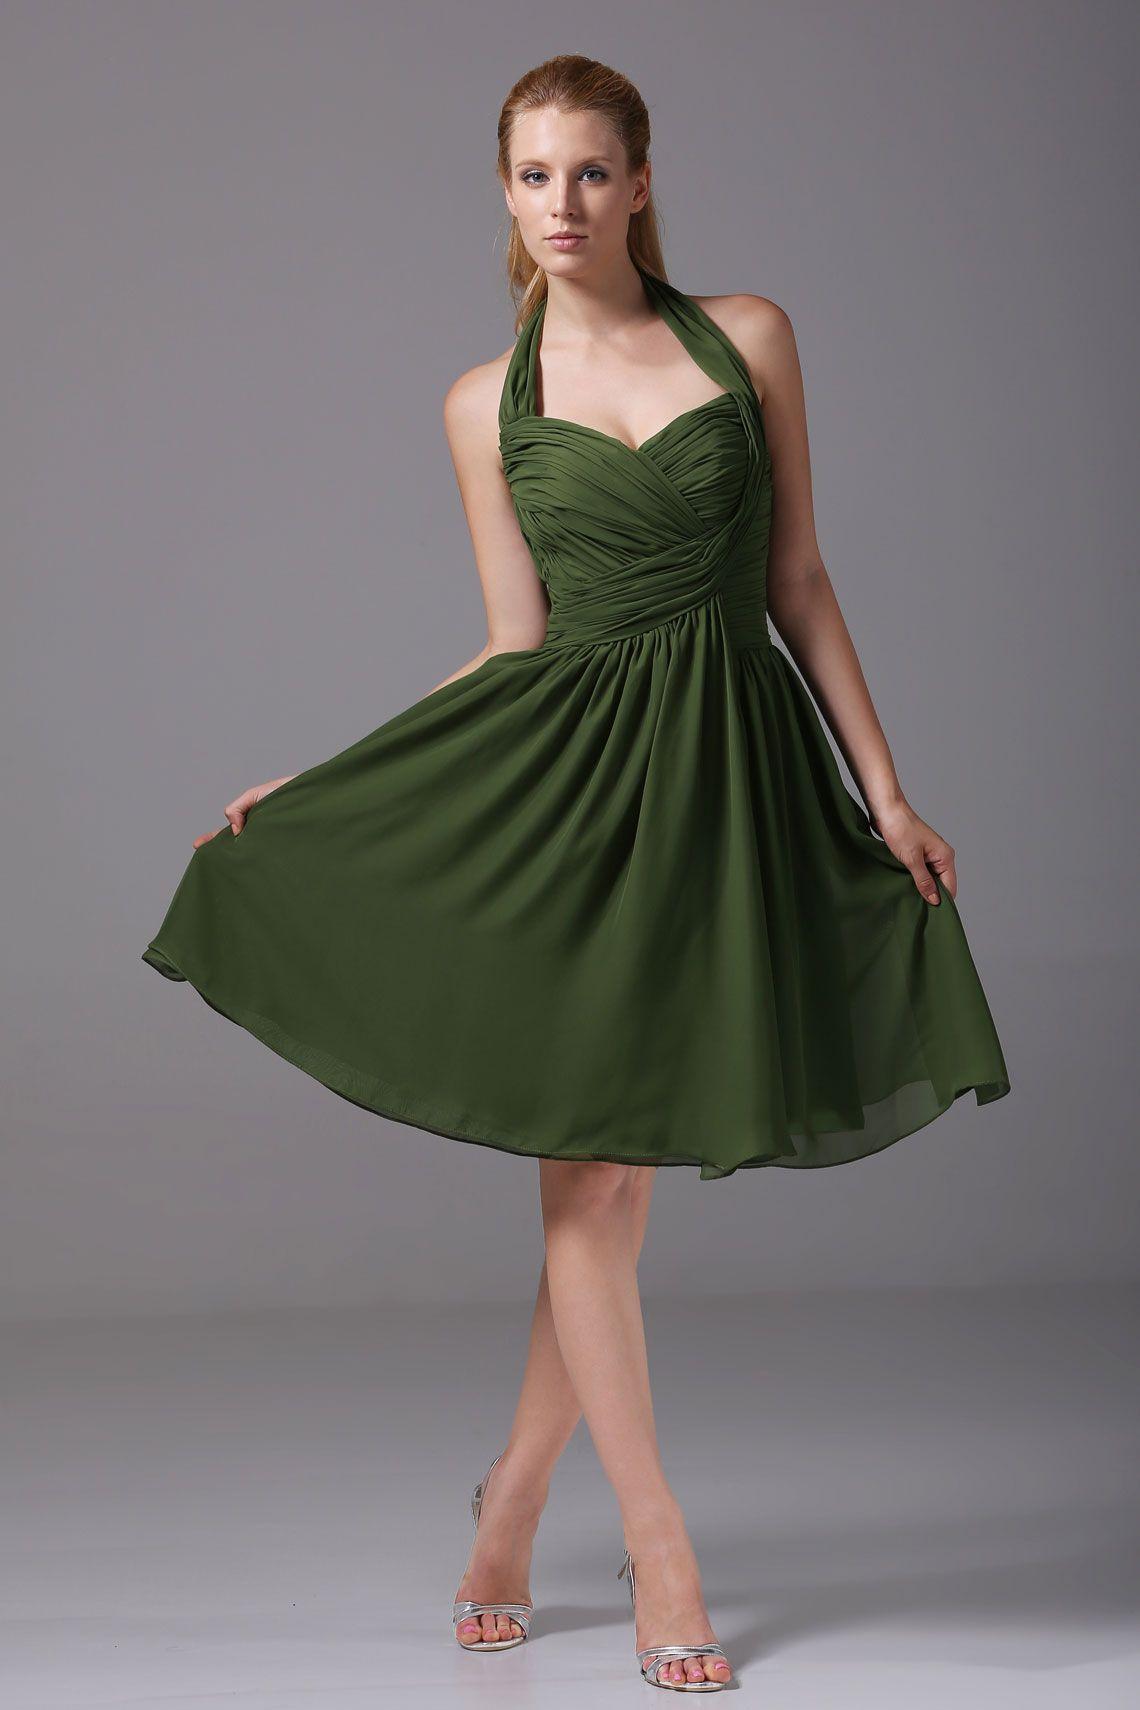 Green short dress for wedding  Natural Waist Aline Mini Halter Zipper Sleeveless Bridesmaid Dress